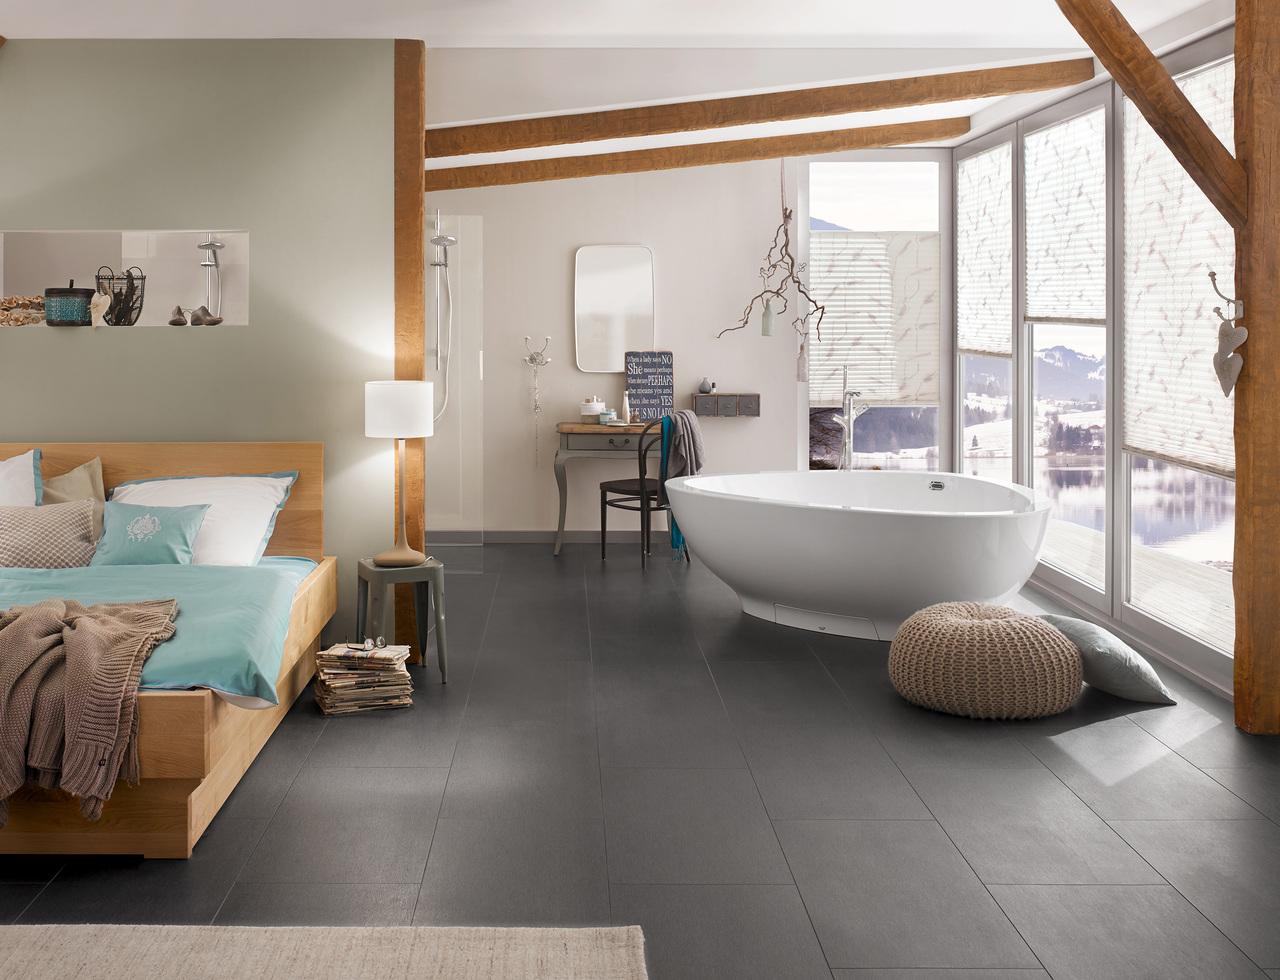 plissee anlagen und faltstores f hrender marken hersteller zum g nstigen preis im plissee. Black Bedroom Furniture Sets. Home Design Ideas